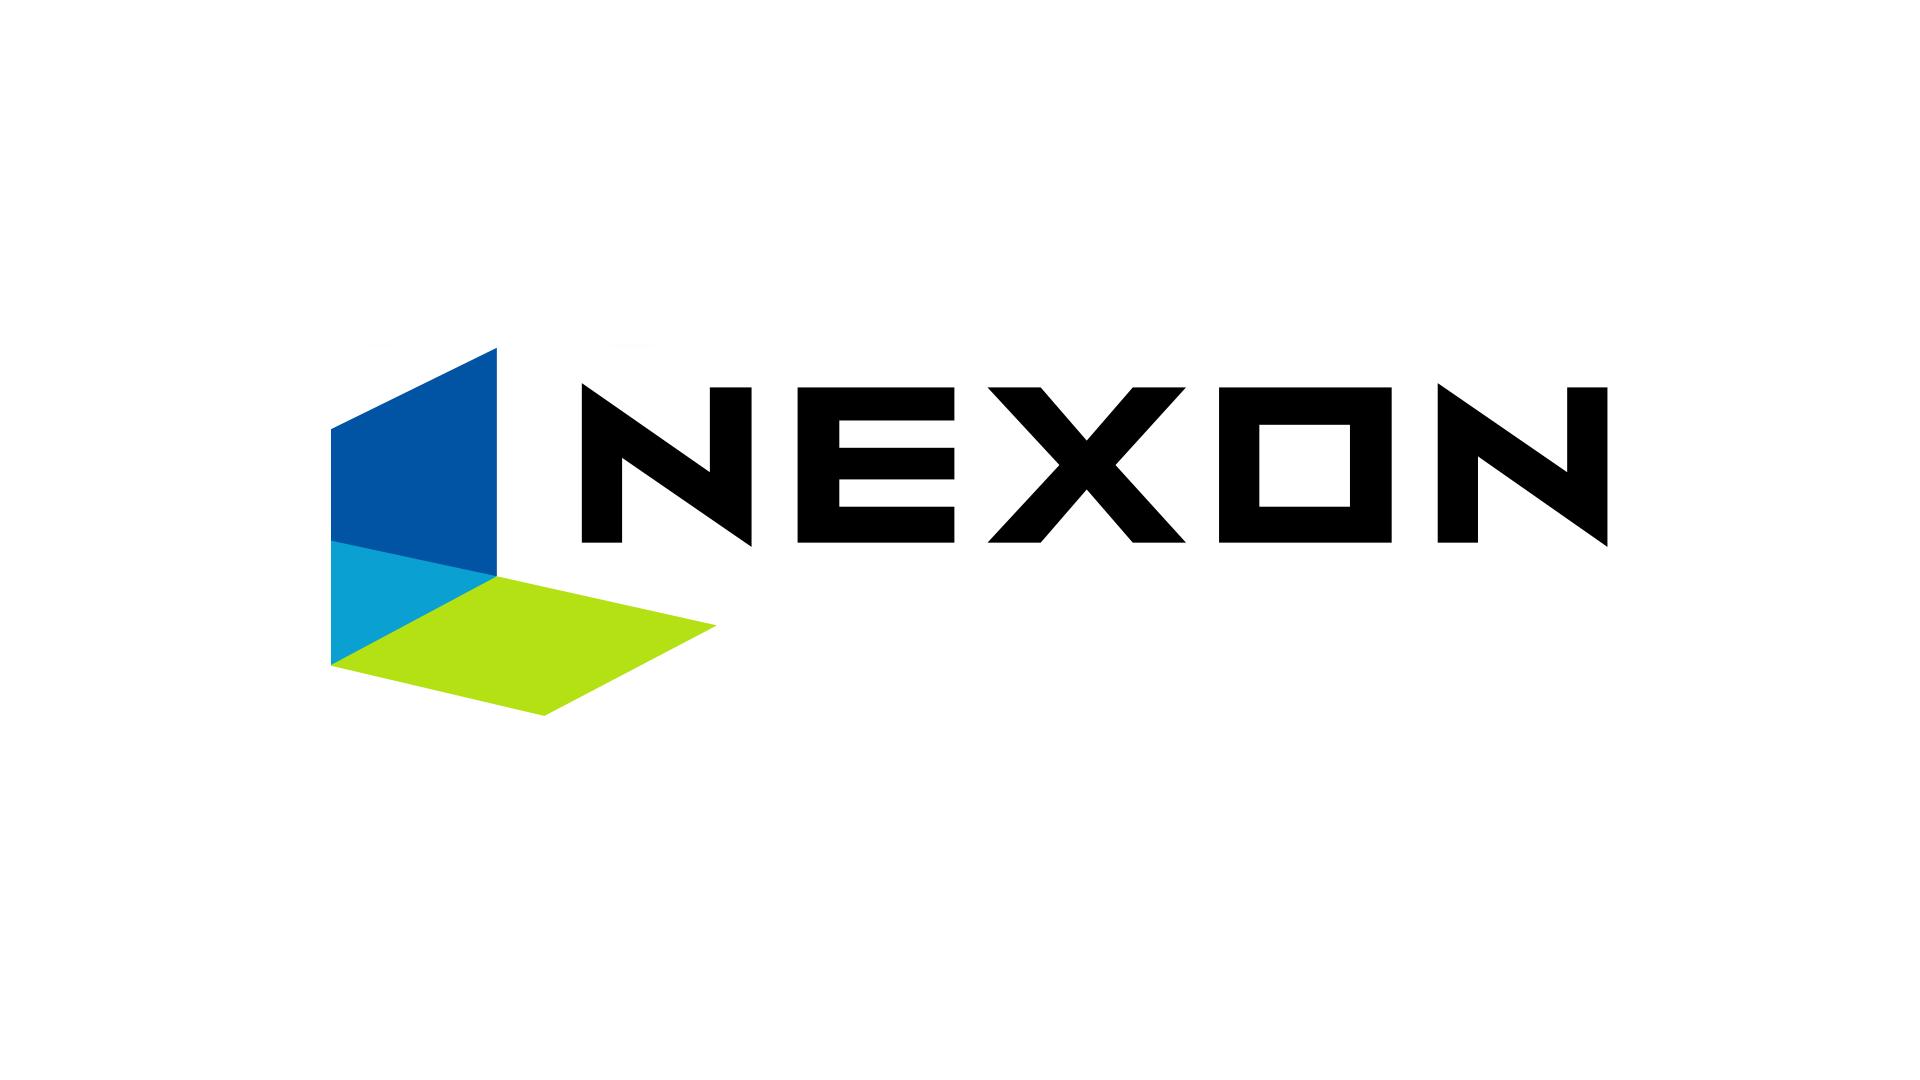 Japanilainen pelijätti Nexon sijoitti 100 miljoonaa dollaria Bitcoiniin